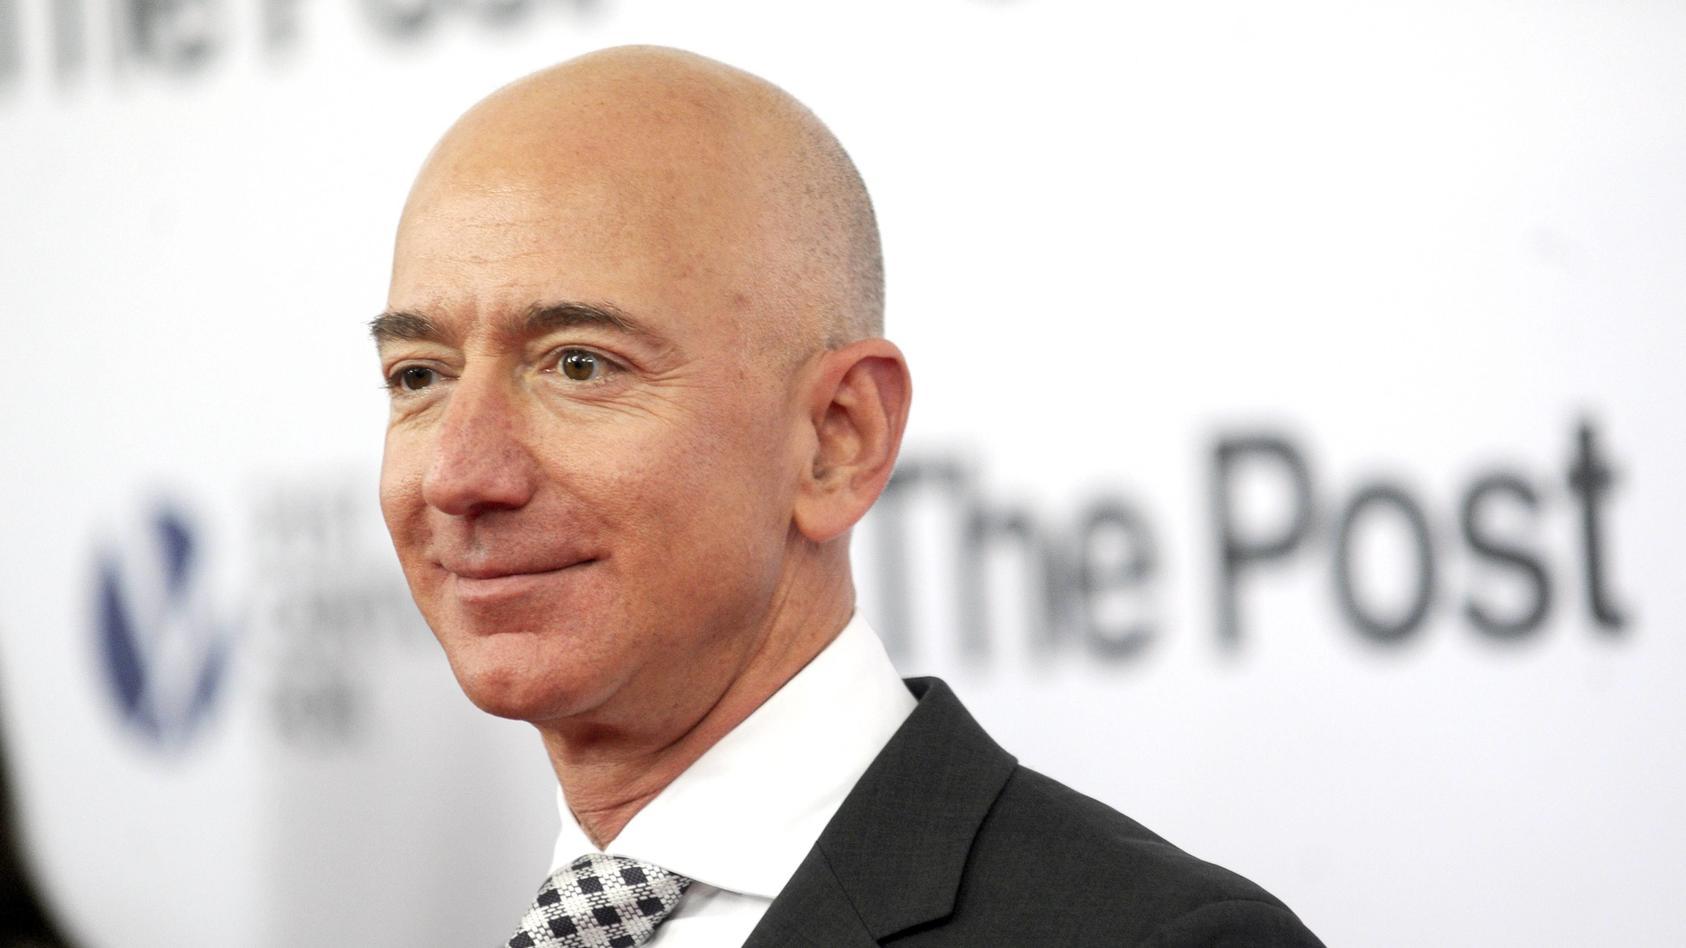 Dem Forbes-Magazin zufolge besitzt Jeff Bezos ein Vermögen von knapp 130 Milliarden Dollar.